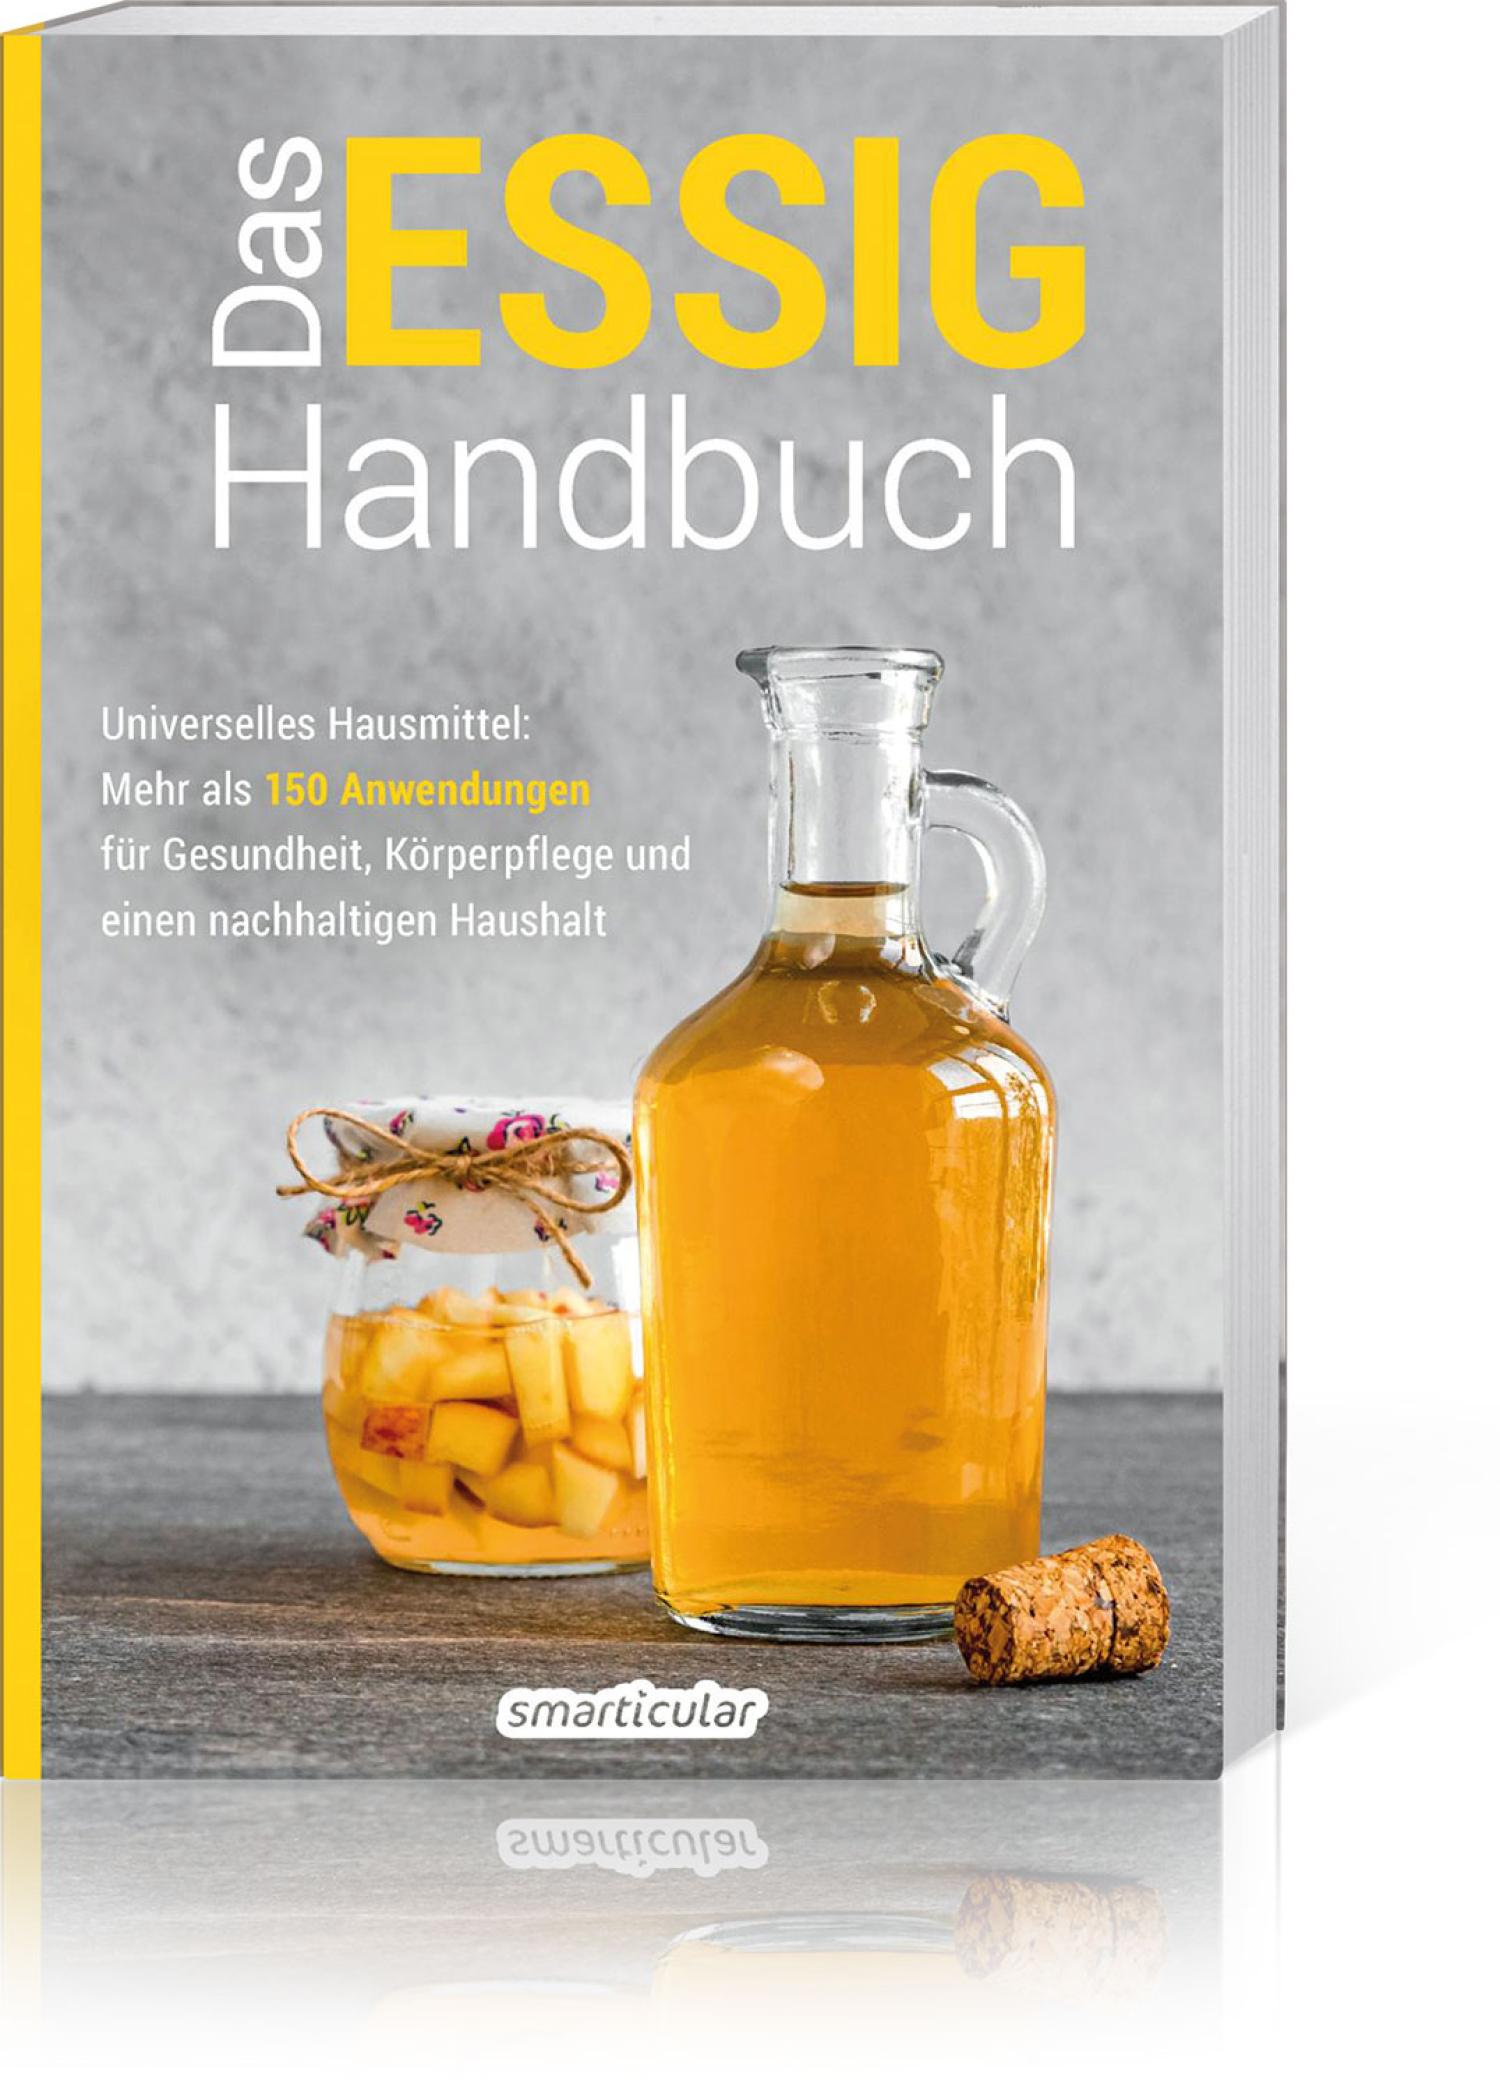 Das Essig-Handbuch, Produktbild 1